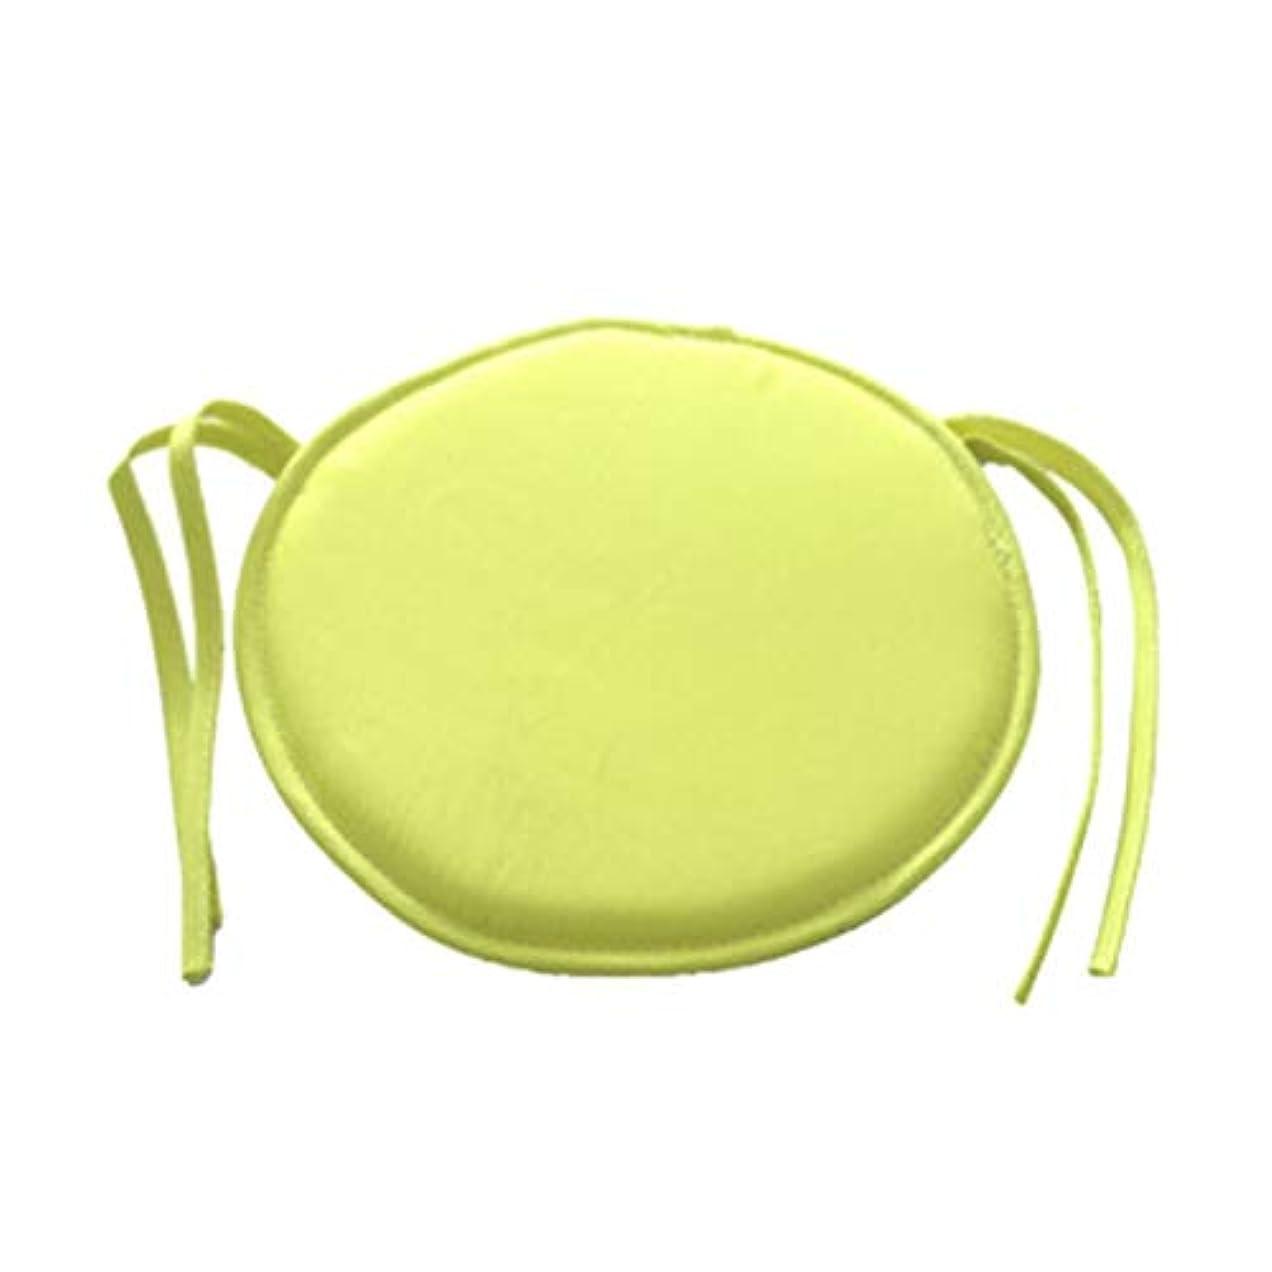 ルーキーロケーションメニューSMART ホット販売ラウンドチェアクッション屋内ポップパティオオフィスチェアシートパッドネクタイスクエアガーデンキッチンダイニングクッション クッション 椅子